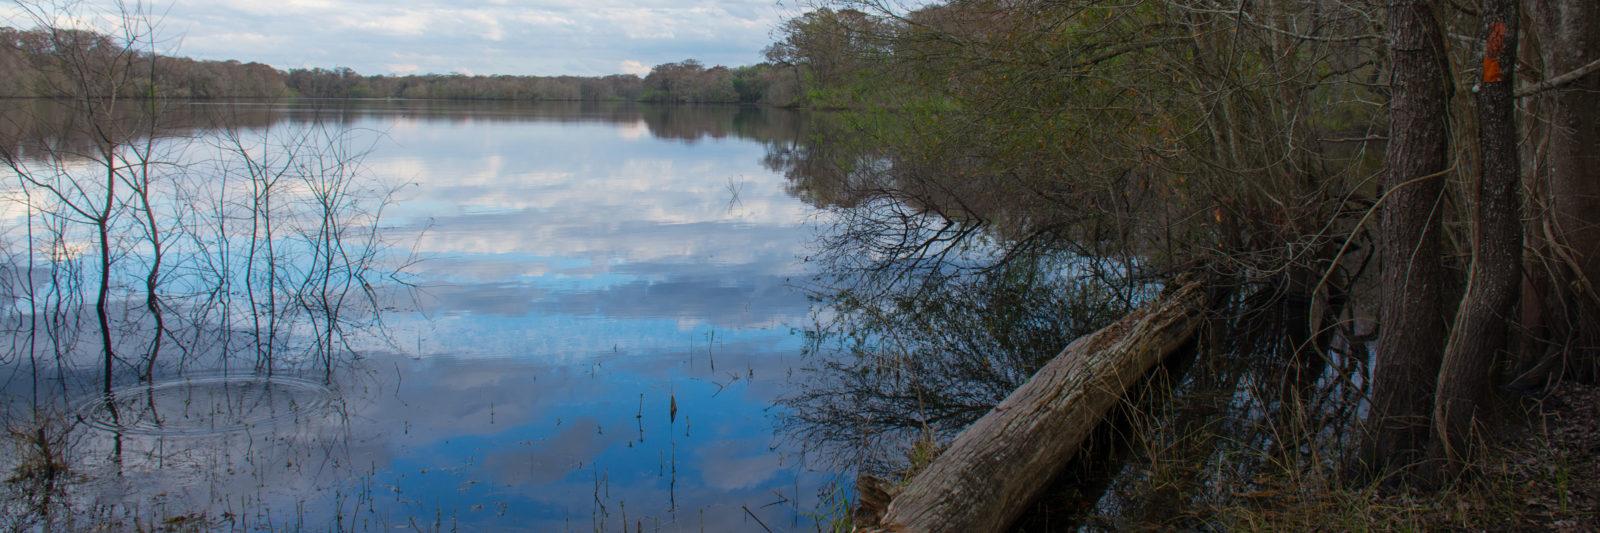 Silver Lake at Croom